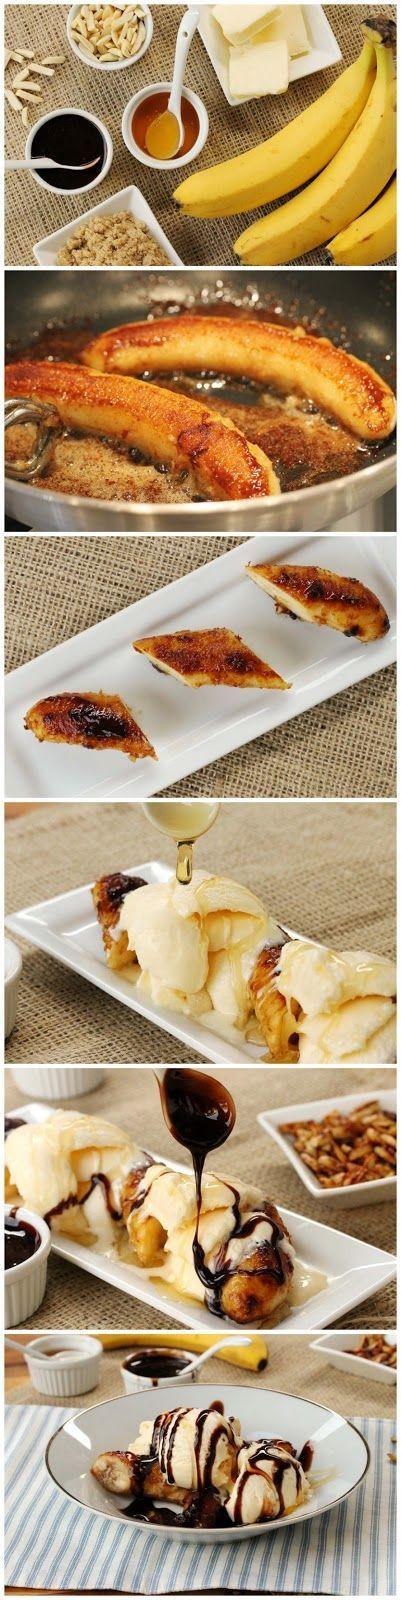 Brown Butter Banana Dessert Recipe @Nat Valik Gonzalez Mamá apunta!!!